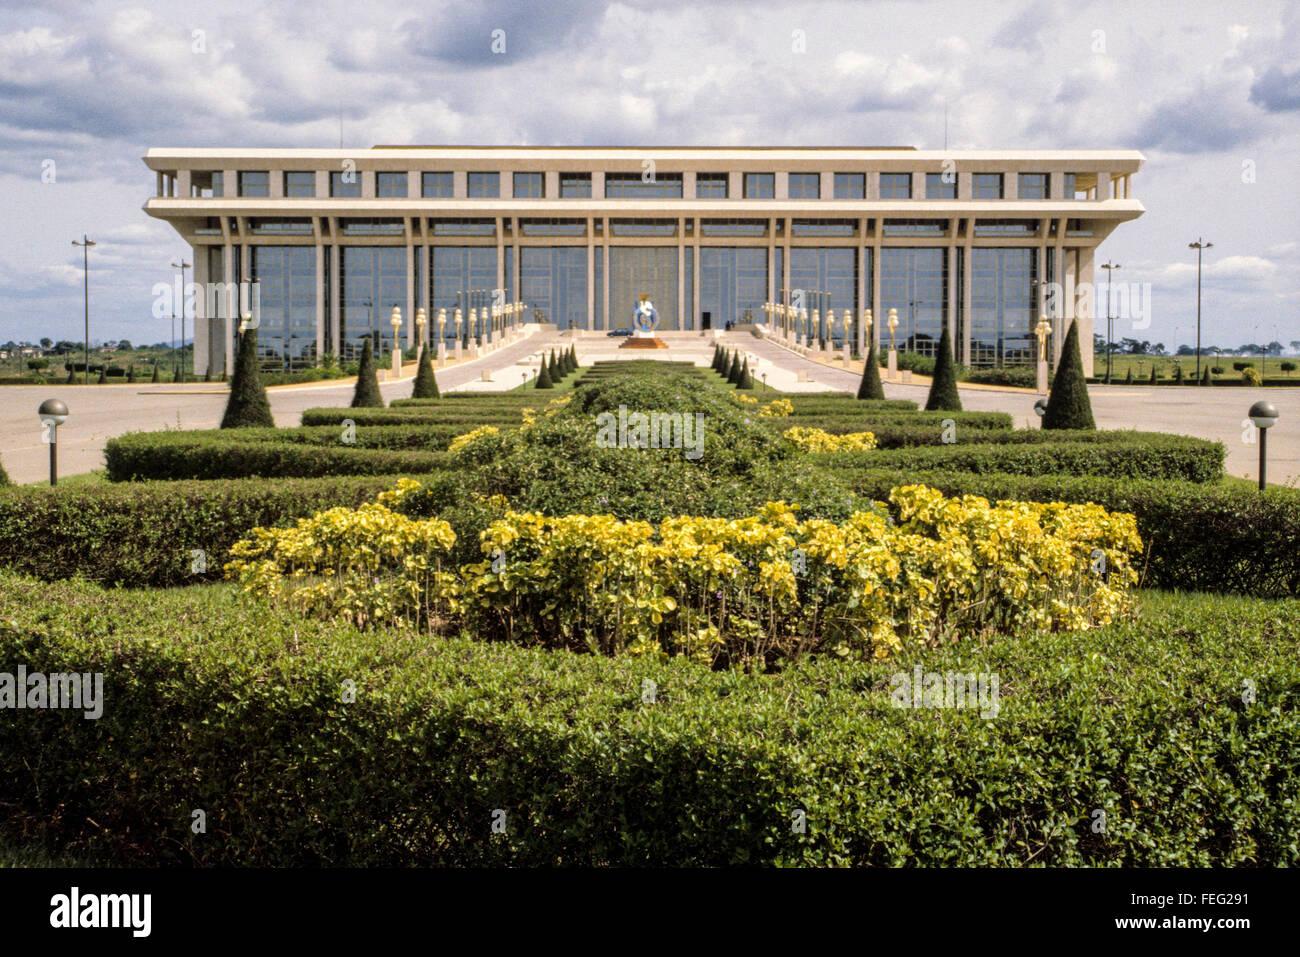 Yamoussoukro, Cote d'Ivoire, Ivory Coast.  Felix Houphouet-Boigny Peace Foundation. - Stock Image